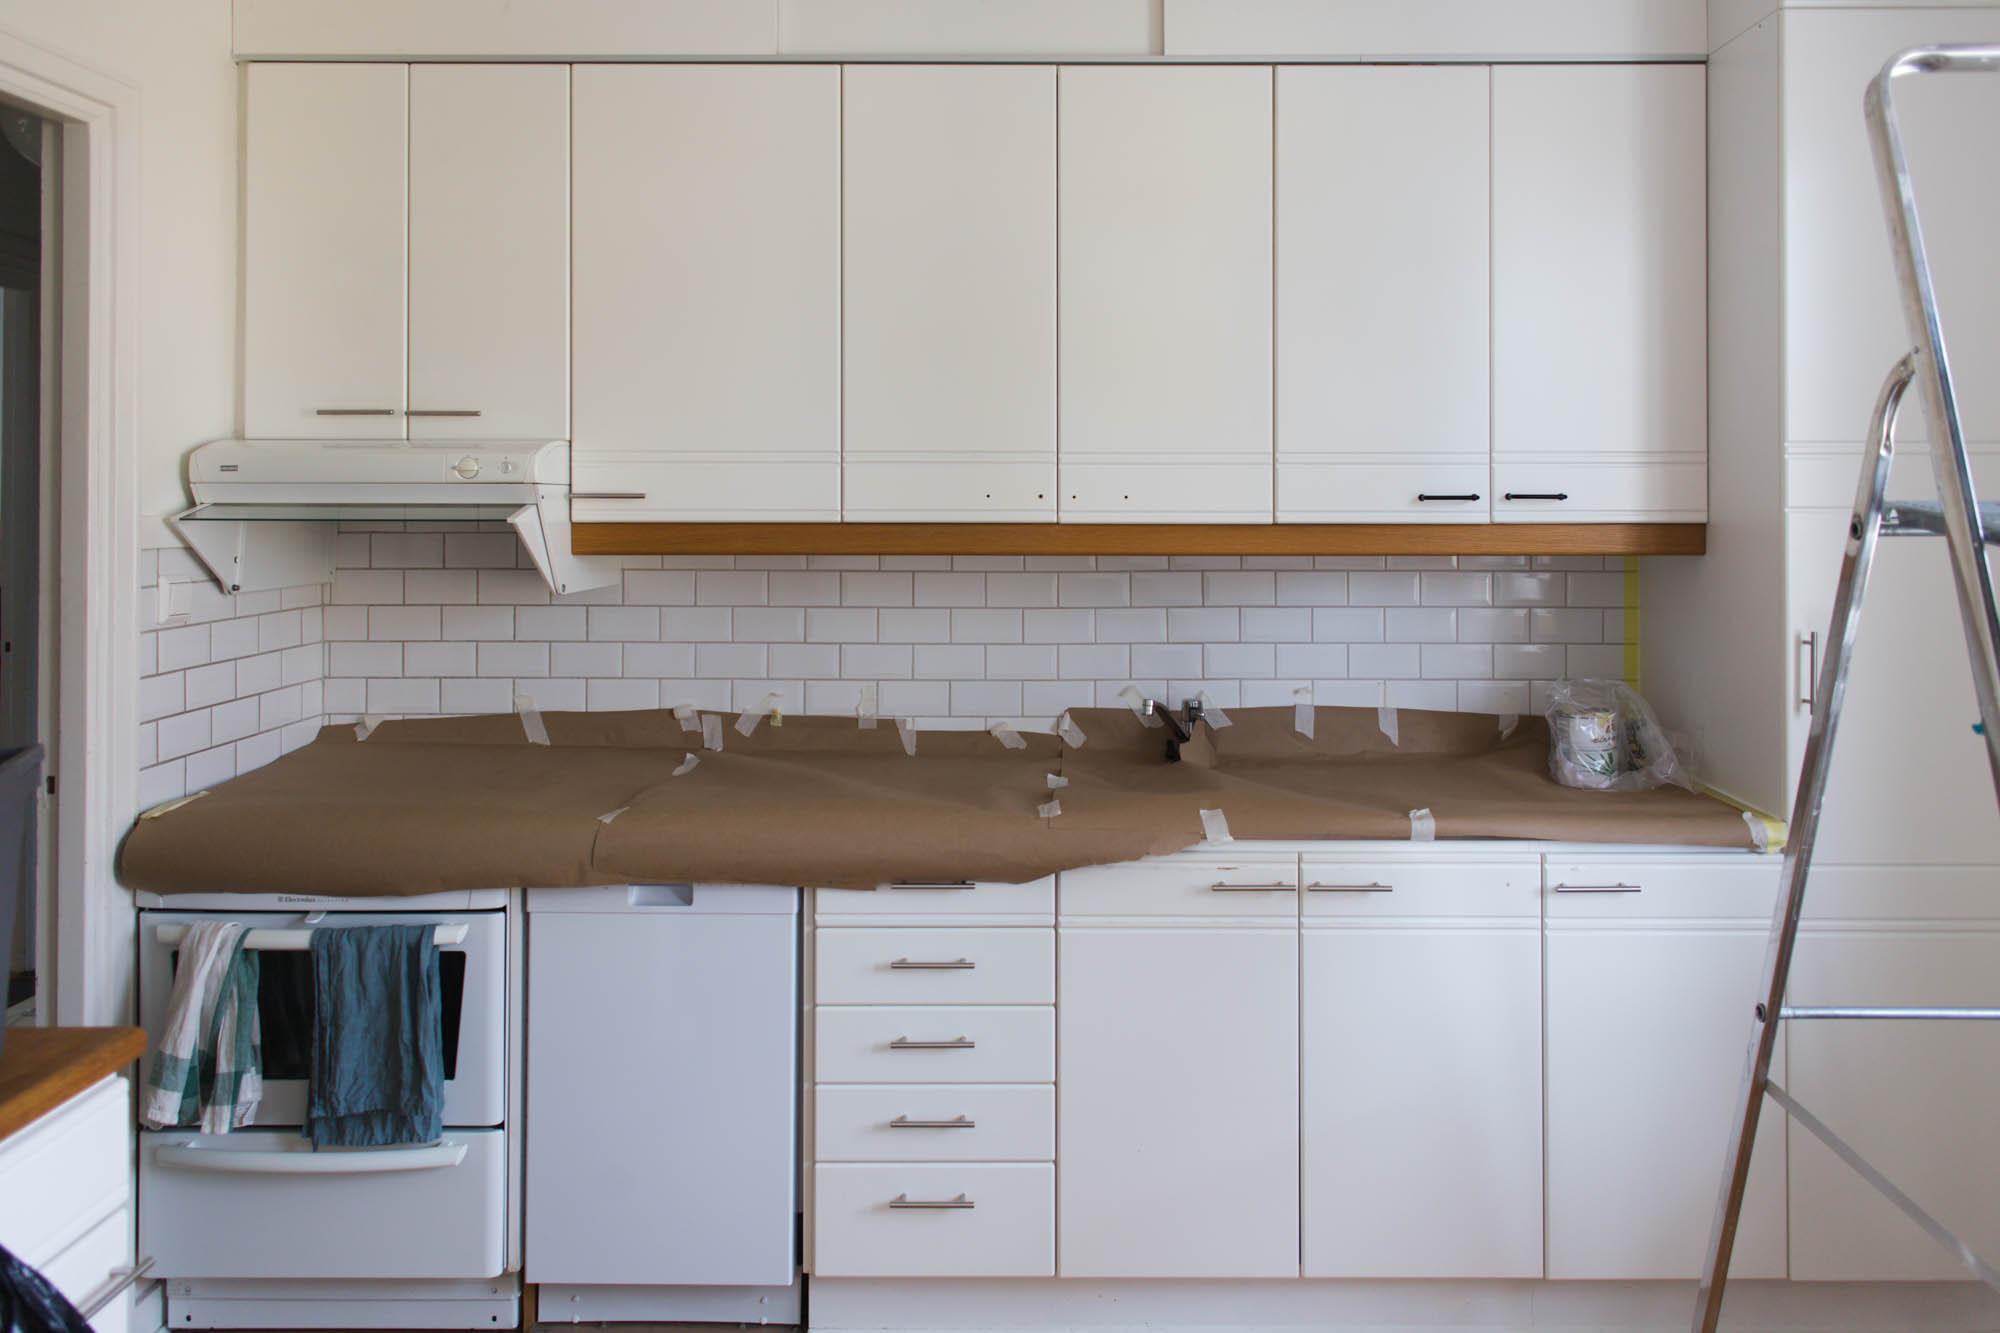 Måla om köksluckor